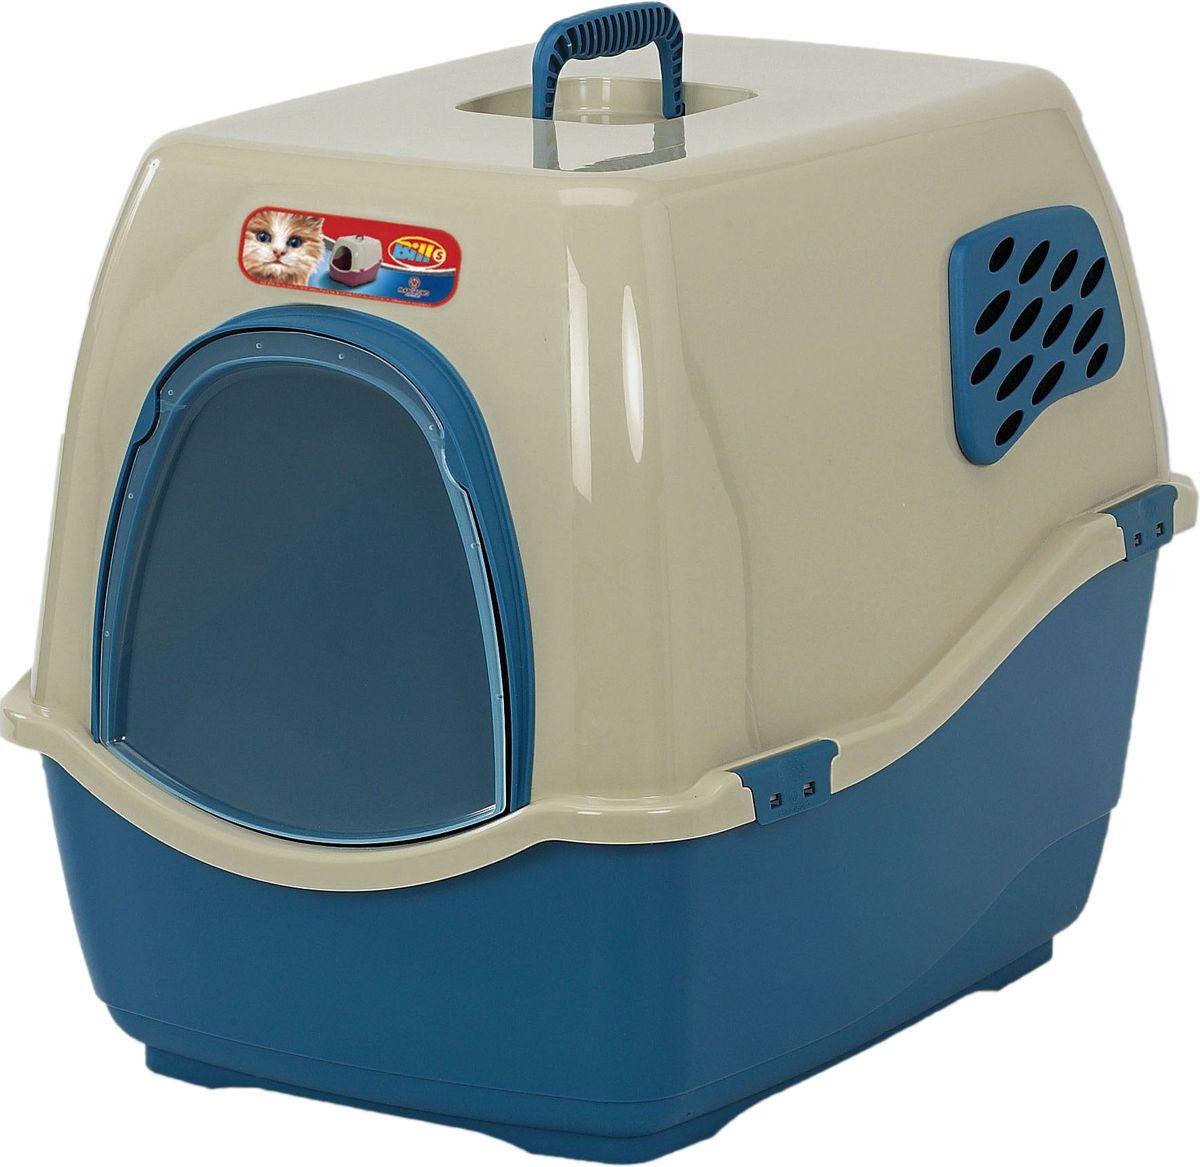 Био-туалет для кошек Marchioro  Bill 1F , цвет: синий, бежевый, 50 х 40 х 42 см - Наполнители и туалетные принадлежности